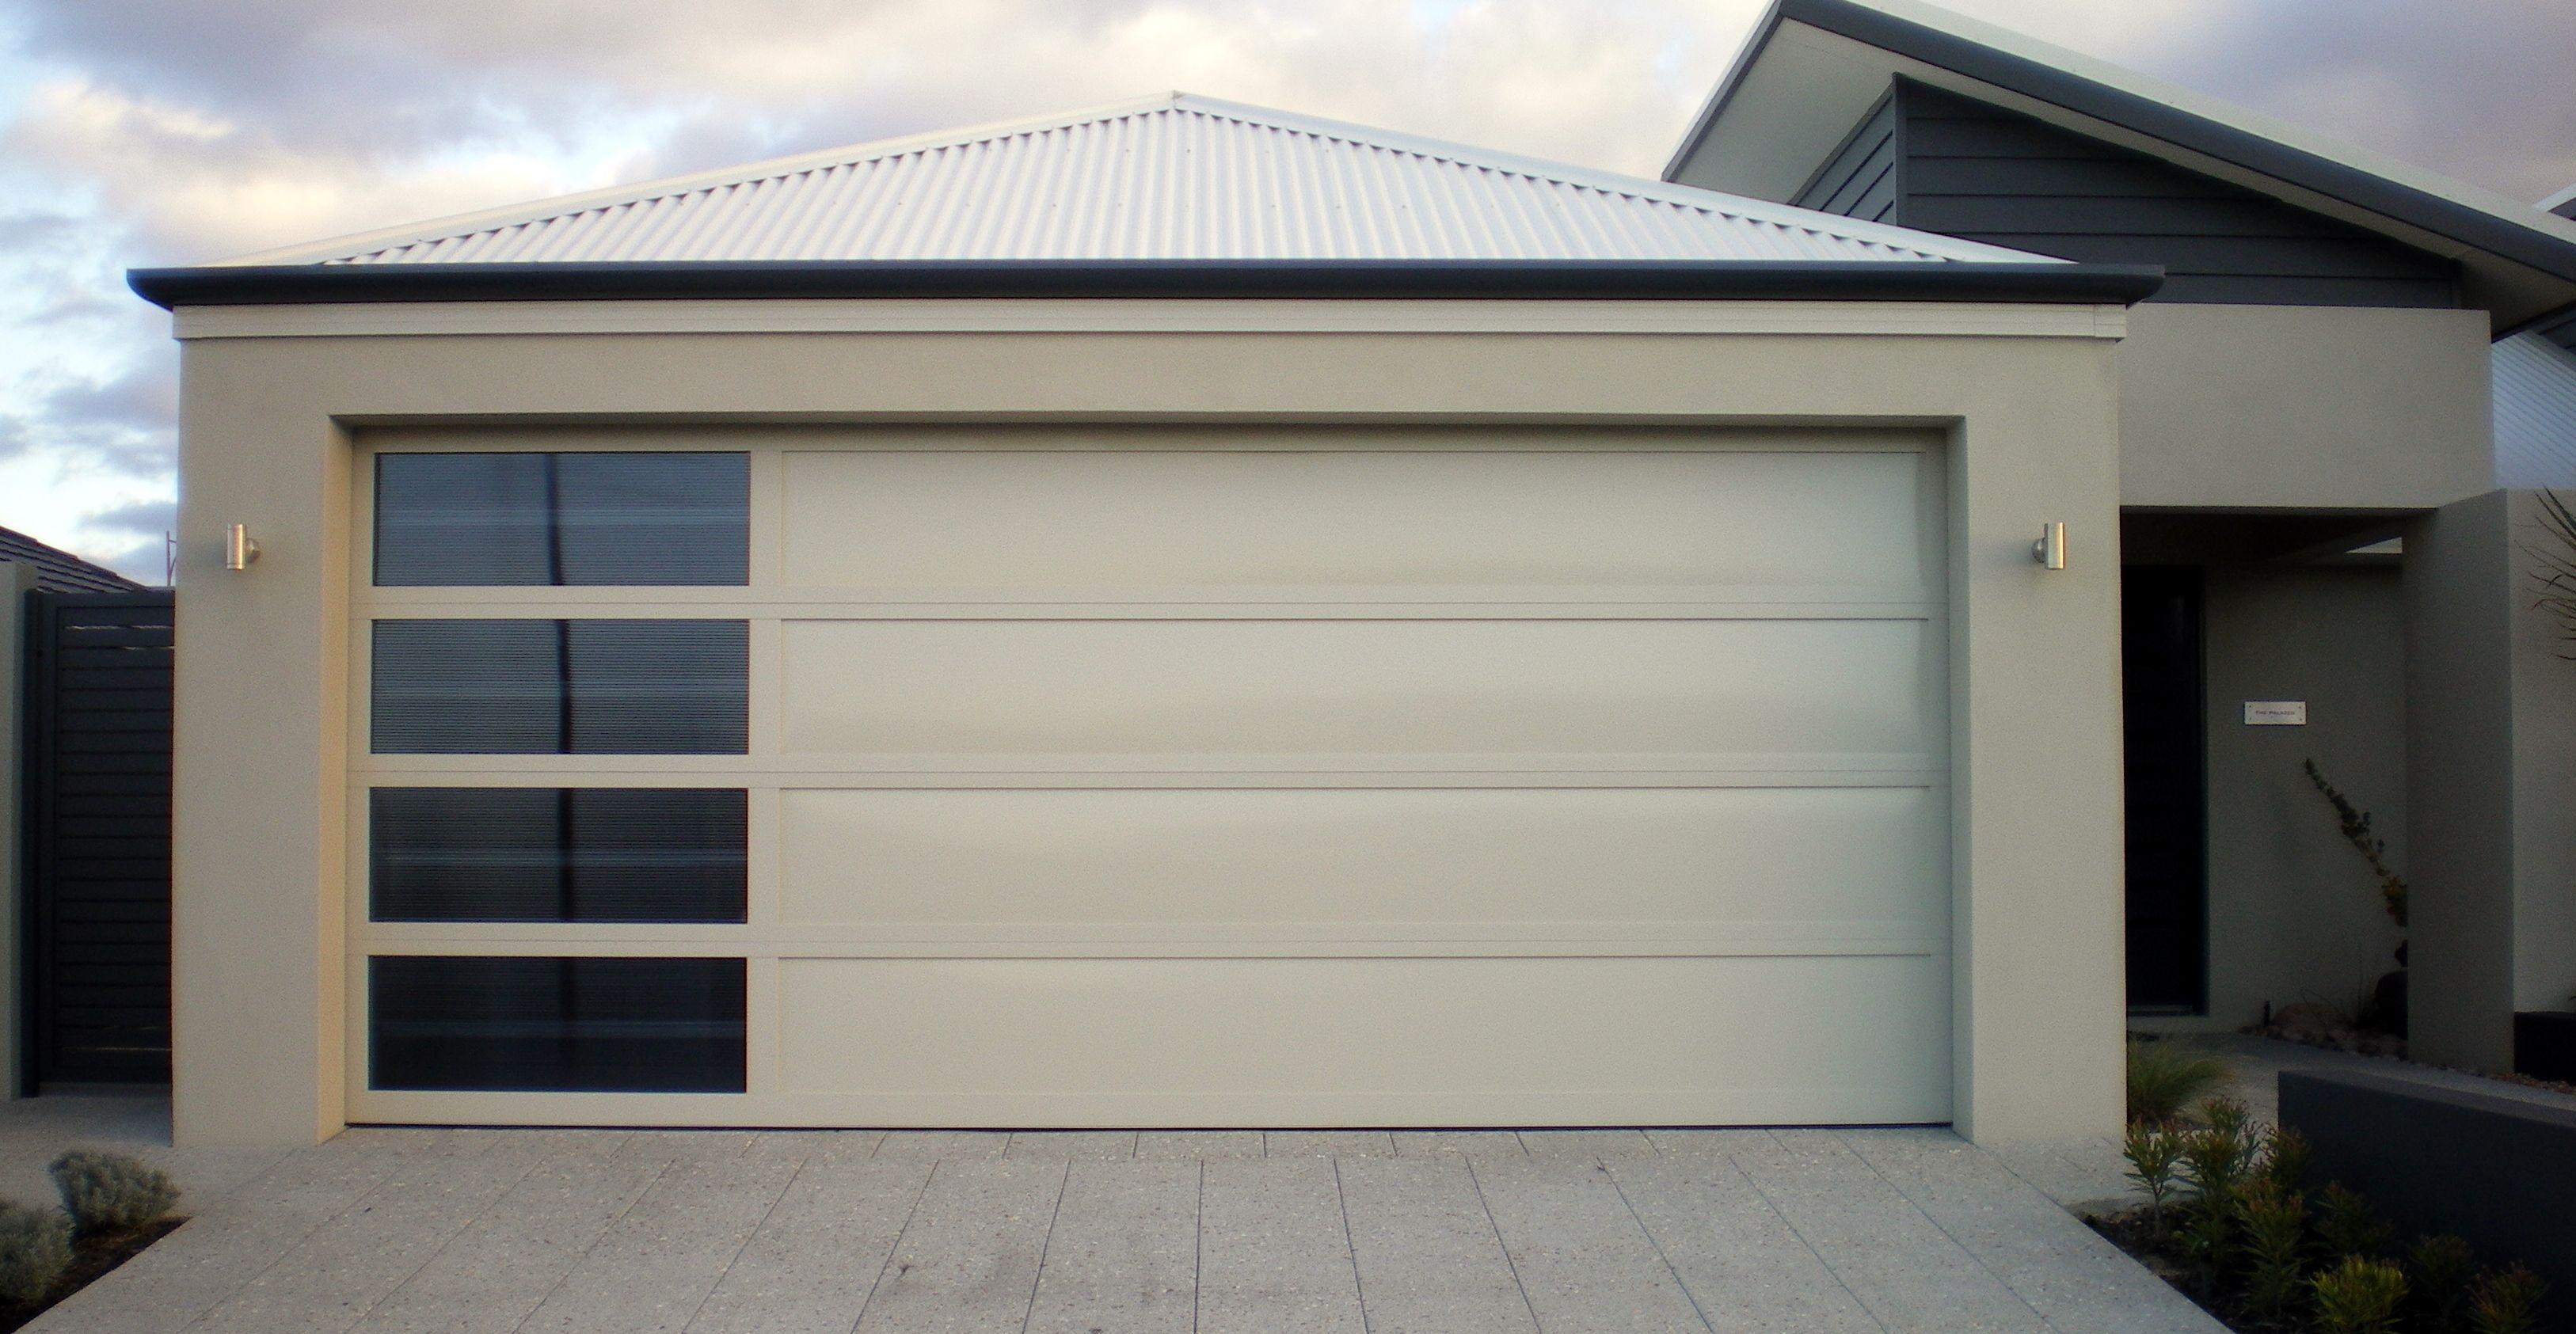 Aluminium Frame Aluminium Inserts And Sidelight Windows For A Look That S Appropriate To Mid Century Modern Garage Doors Garage Door Design Garage Door Cost